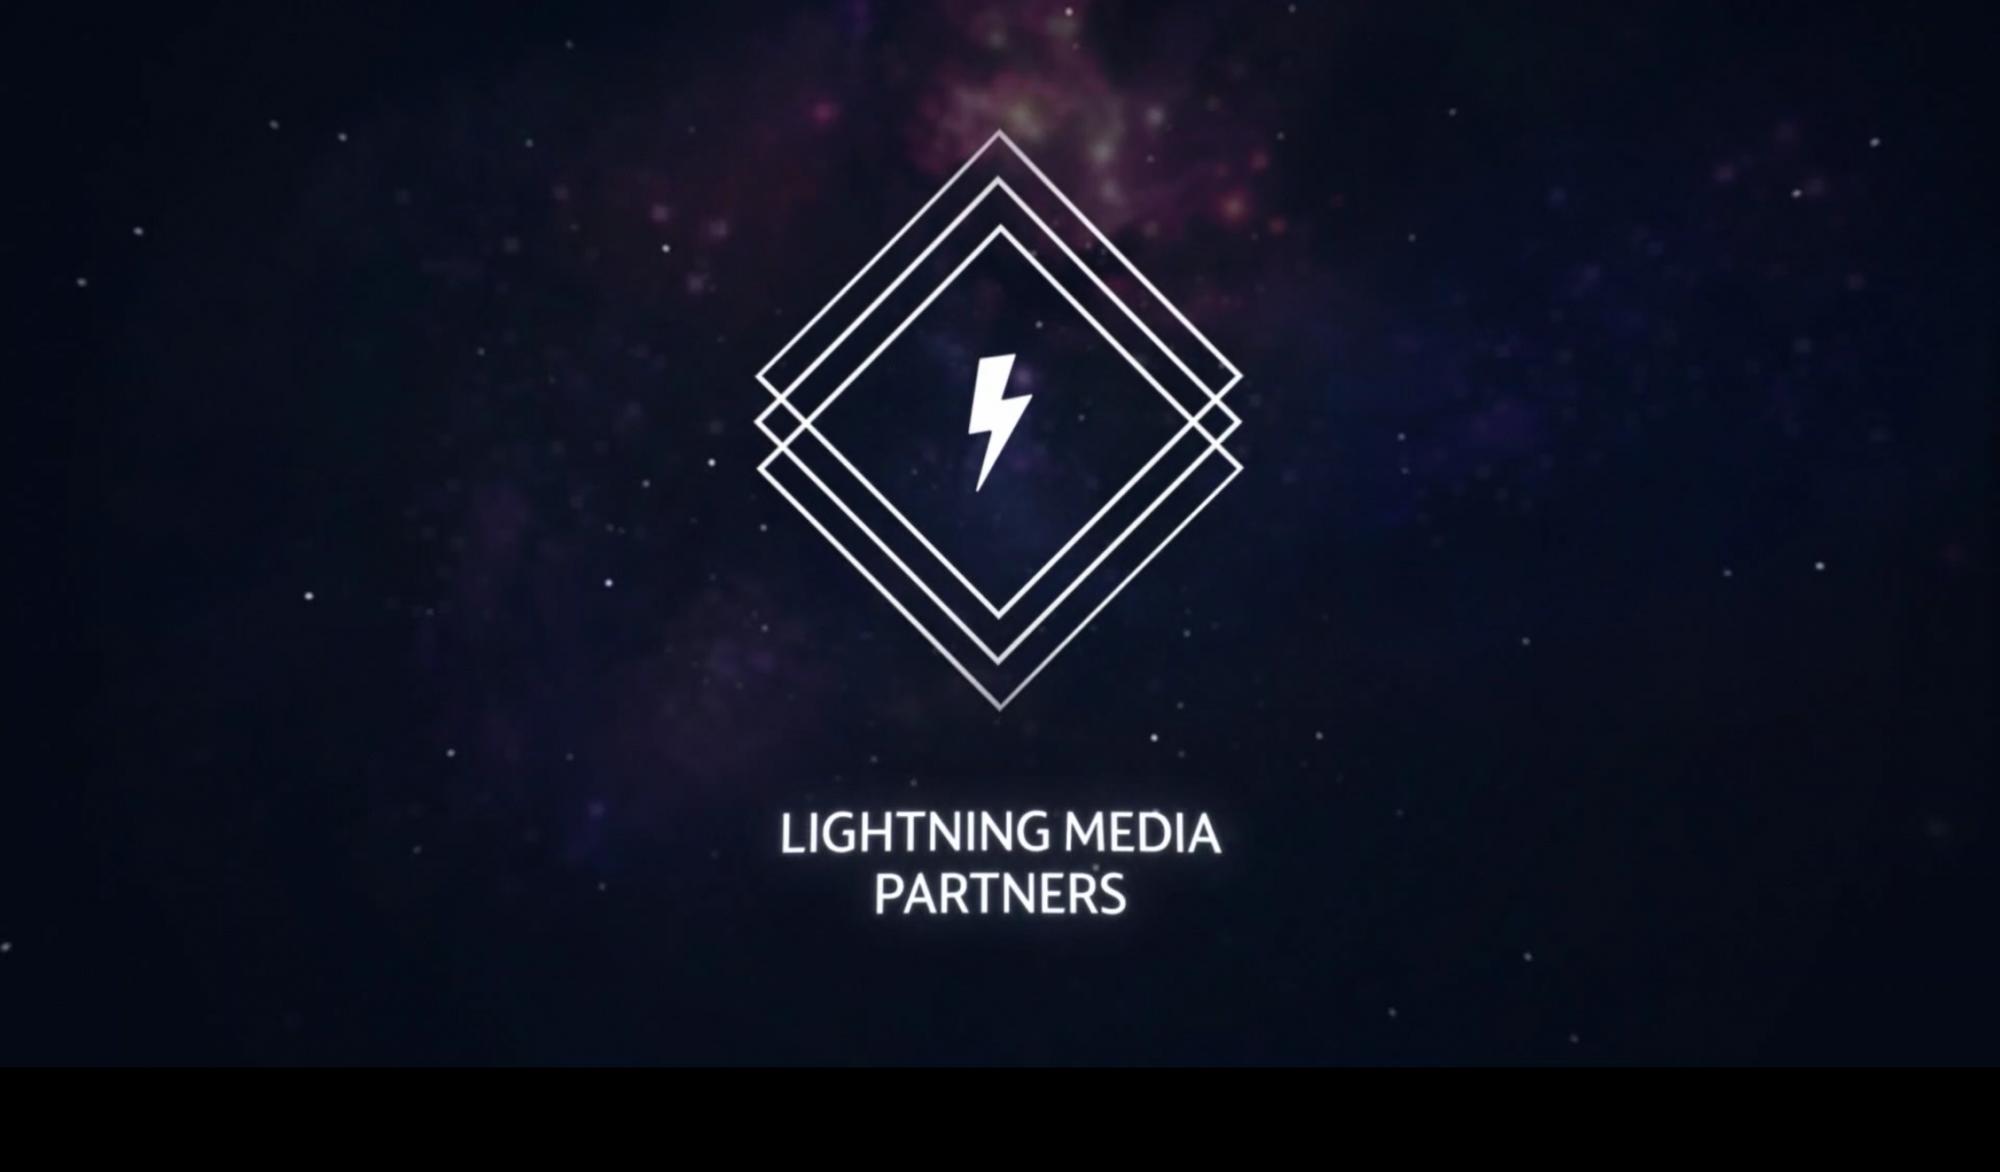 Lightning Media Partners